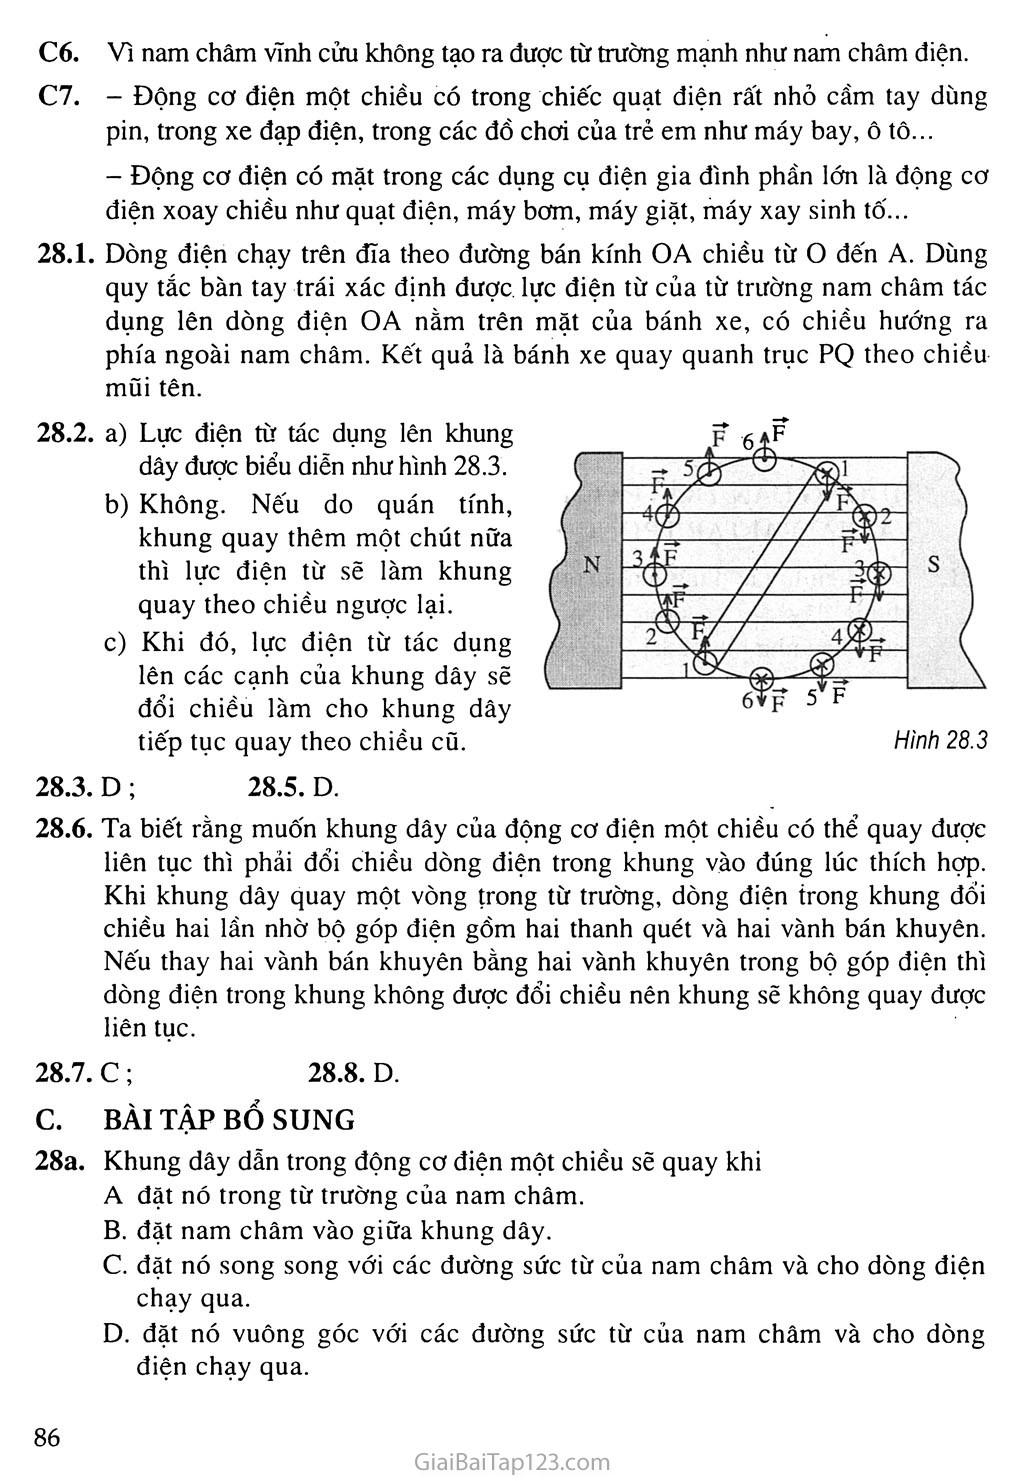 Bài 28: Động cơ điện một chiều trang 2